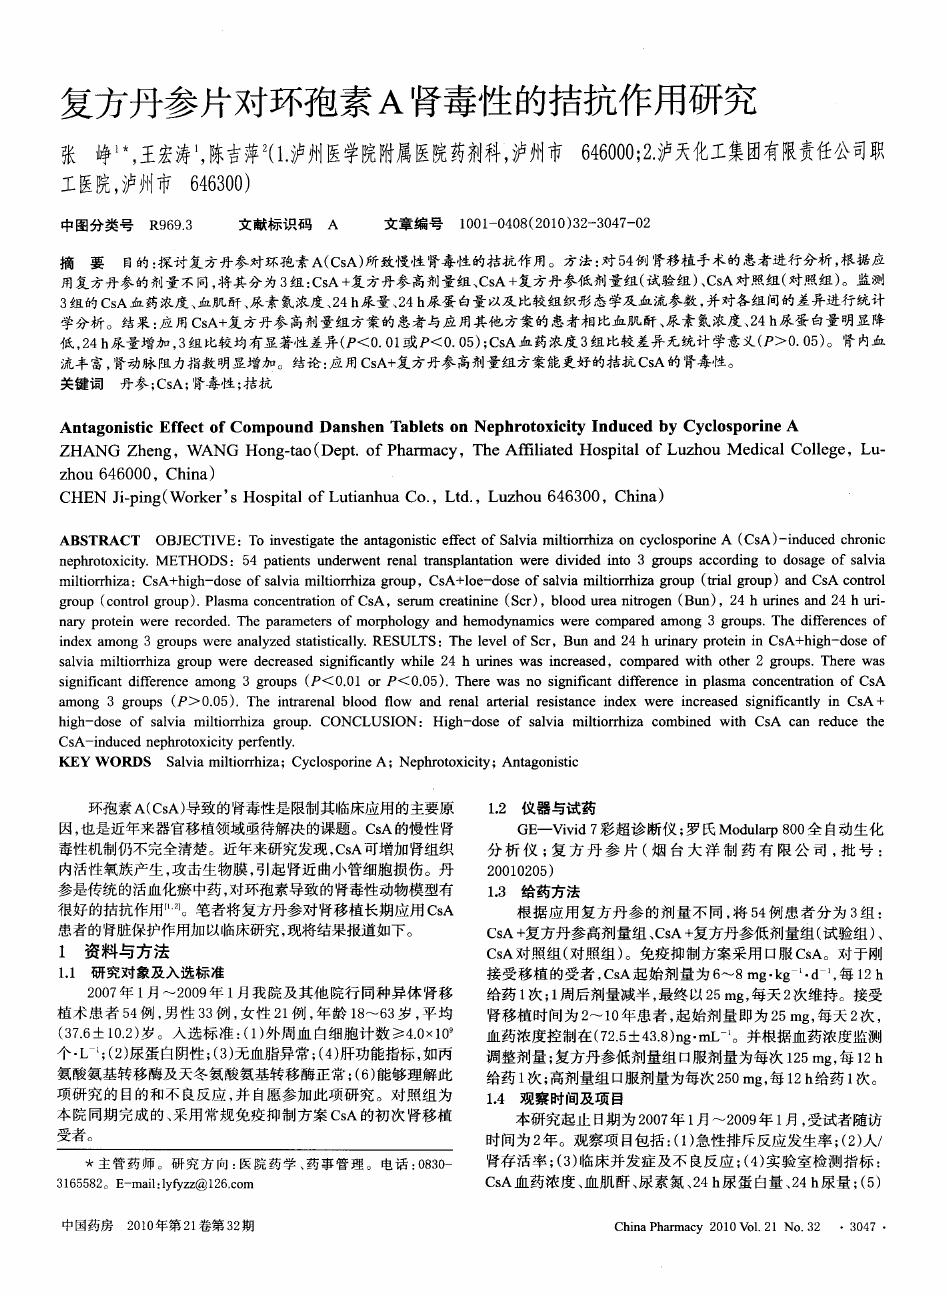 复方丹参片对环孢素A肾毒性的拮抗作用研究